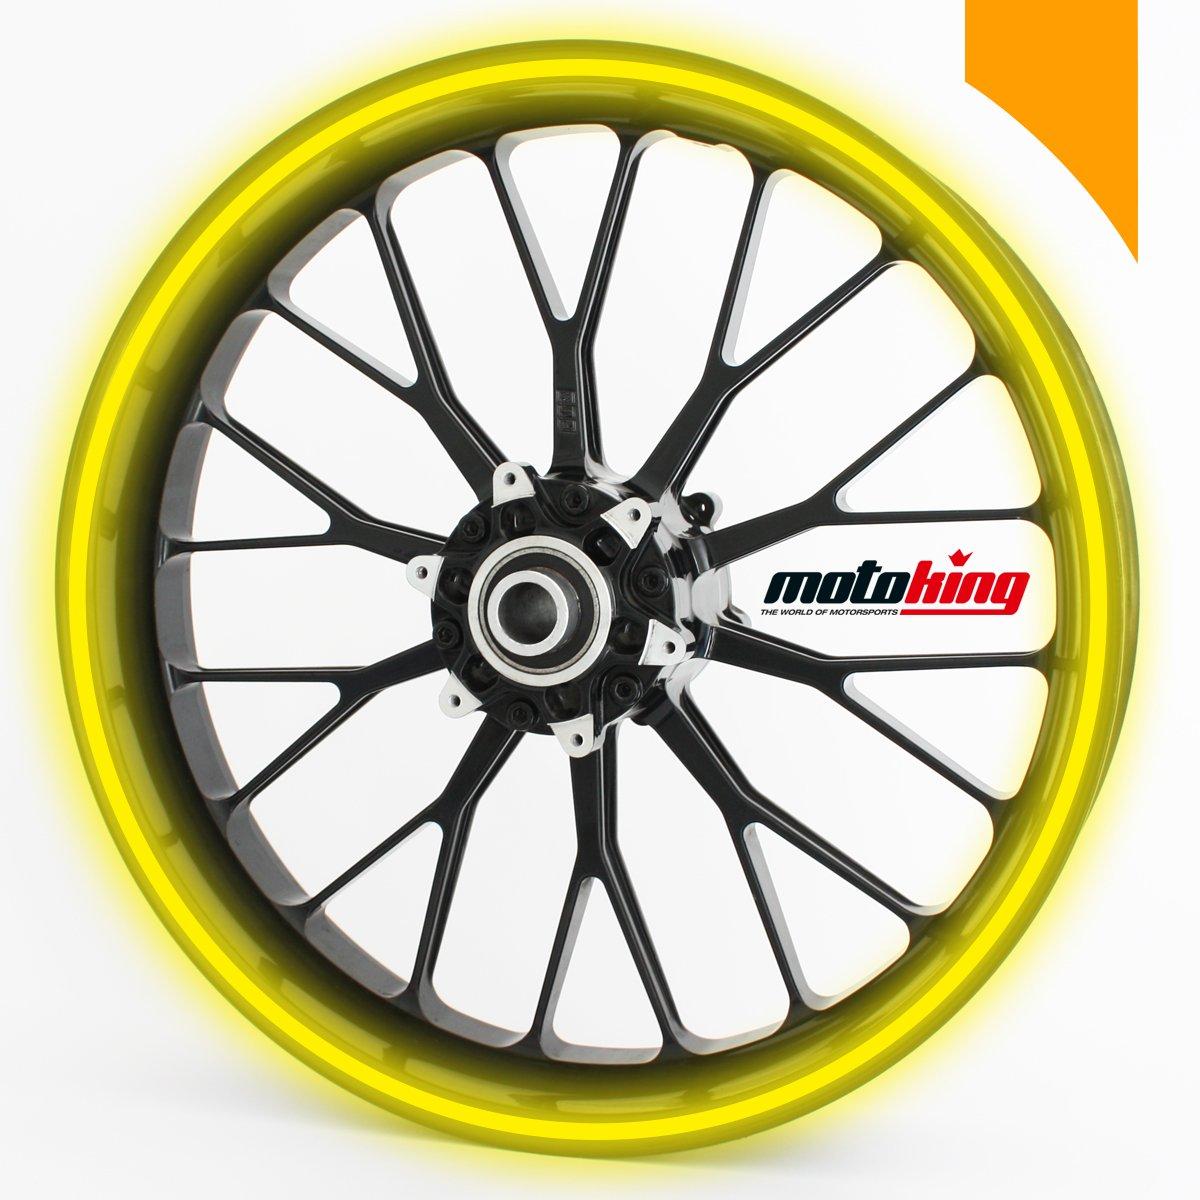 Adhesivos Motoking para llantas 360 °, colores reflectantes/rueda completa/desde 15 hasta 18/color y ancho opcionales Wandkings